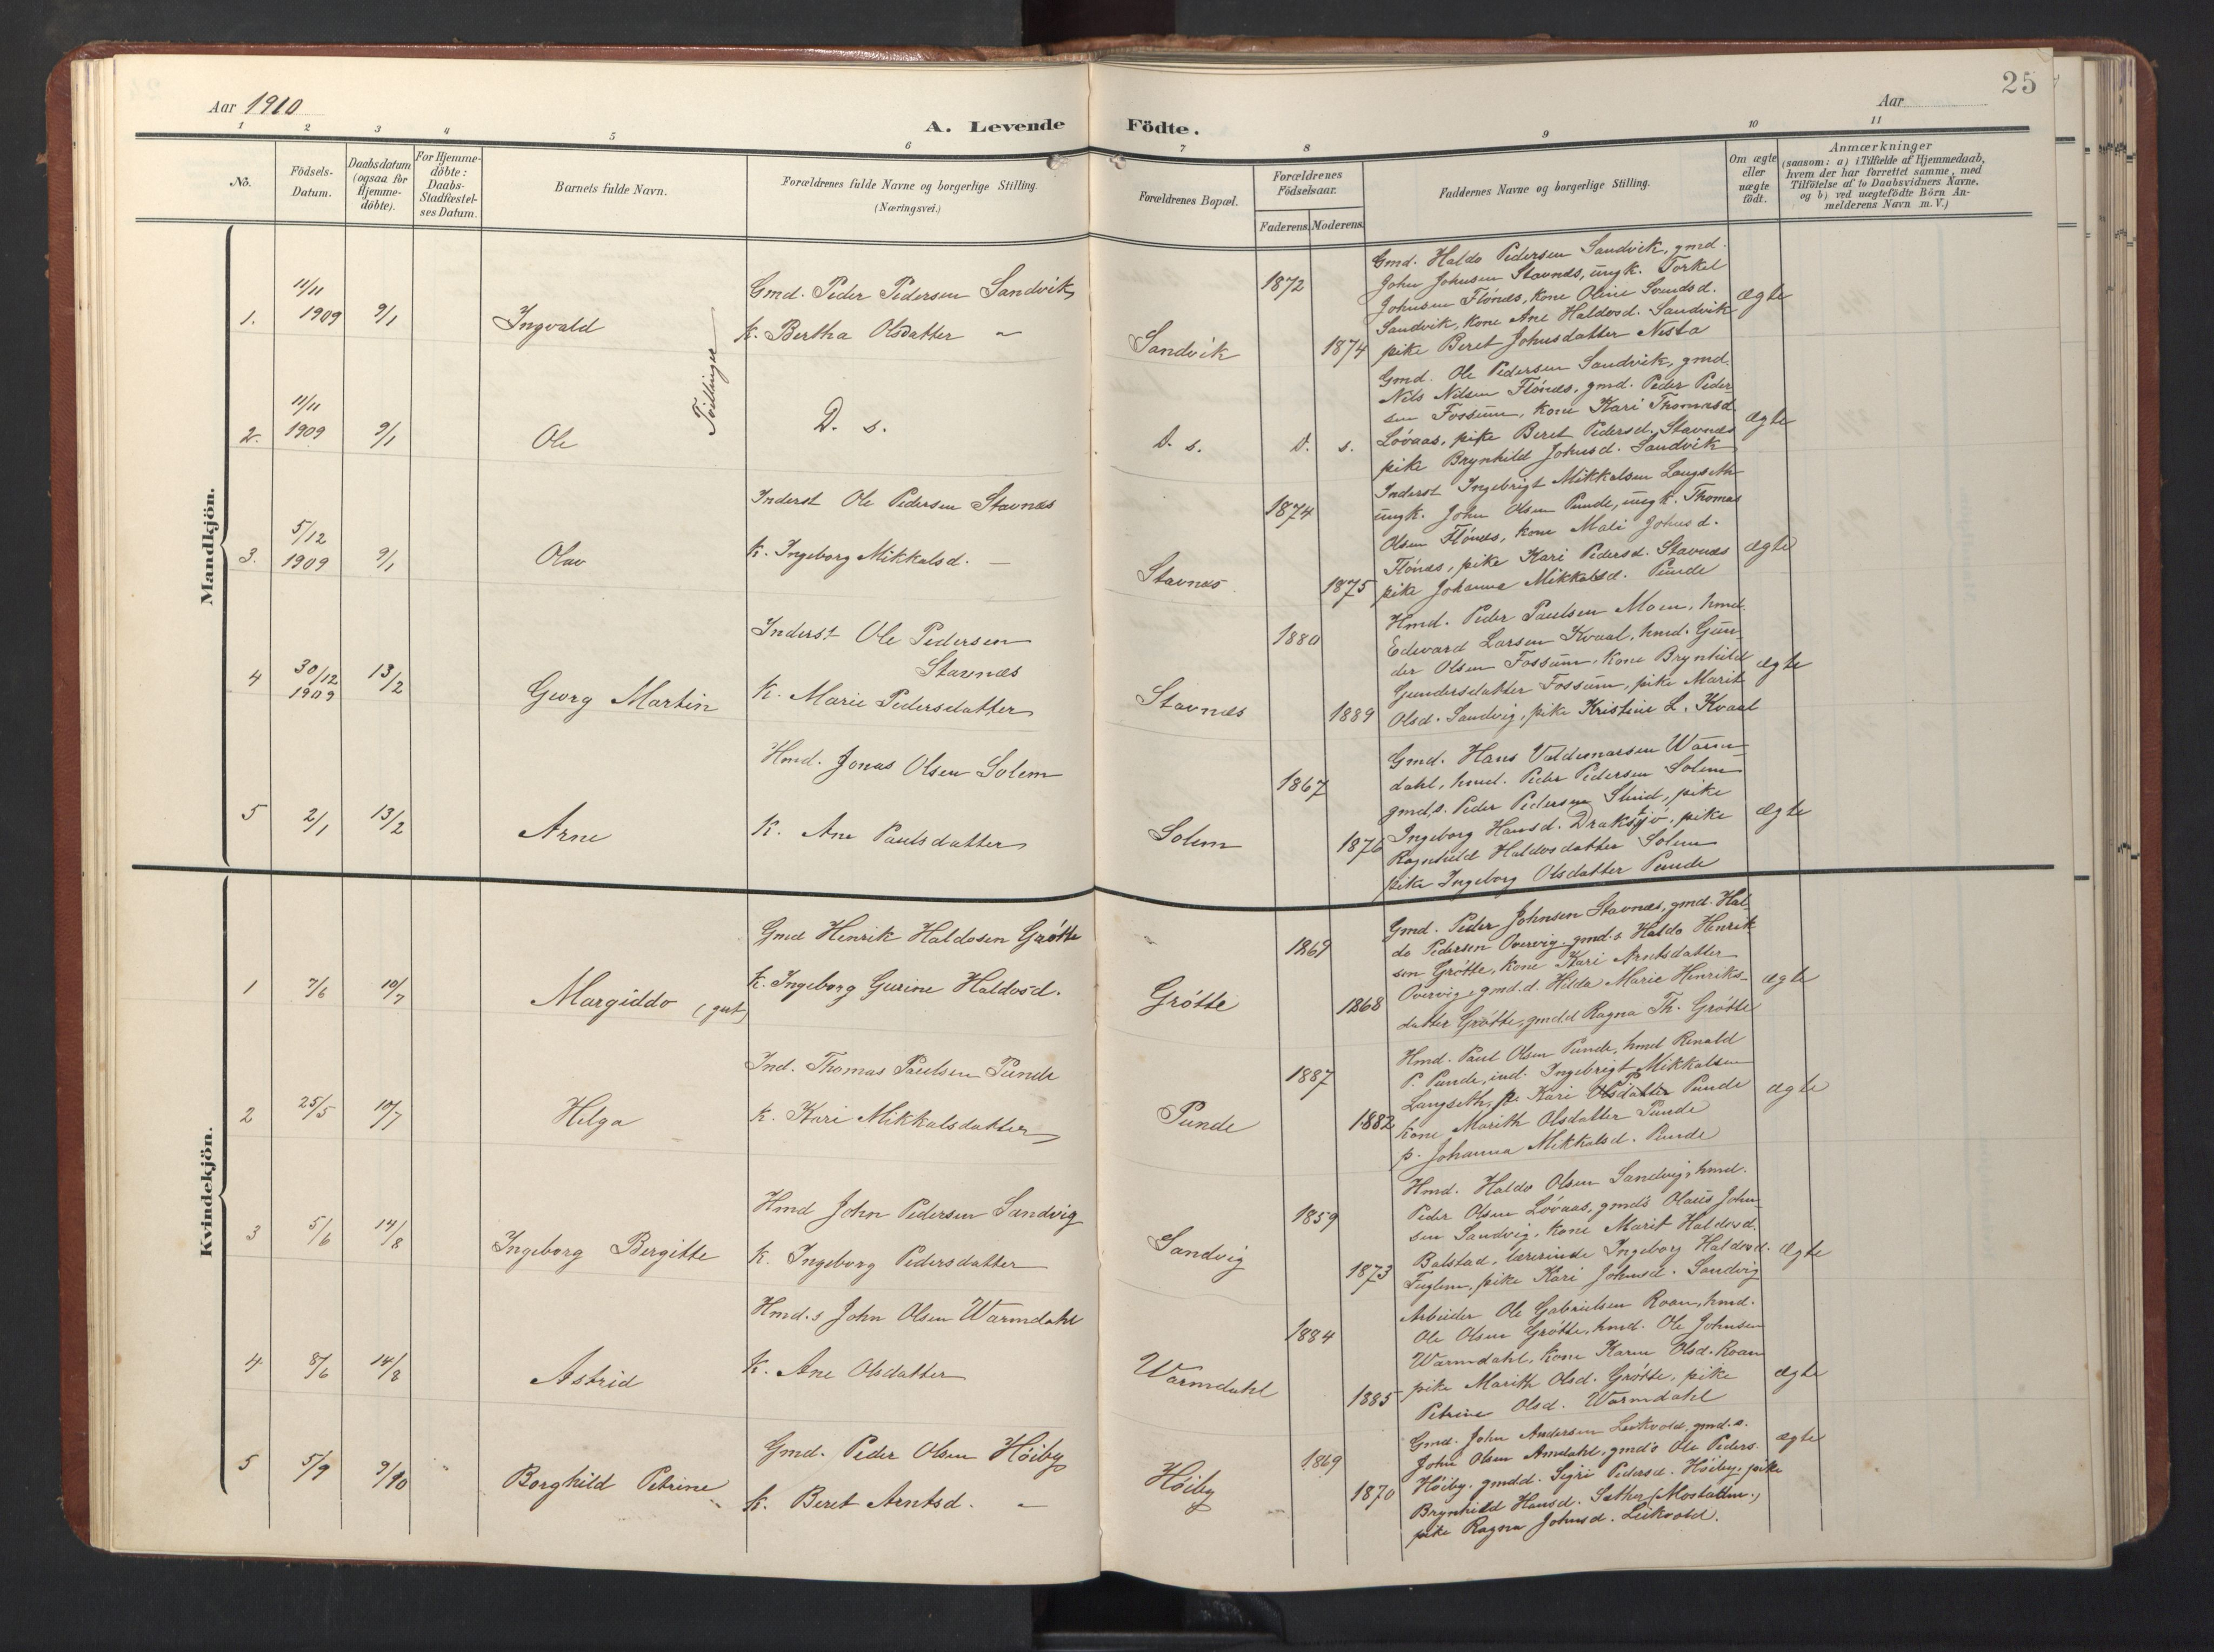 SAT, Ministerialprotokoller, klokkerbøker og fødselsregistre - Sør-Trøndelag, 696/L1161: Klokkerbok nr. 696C01, 1902-1950, s. 25